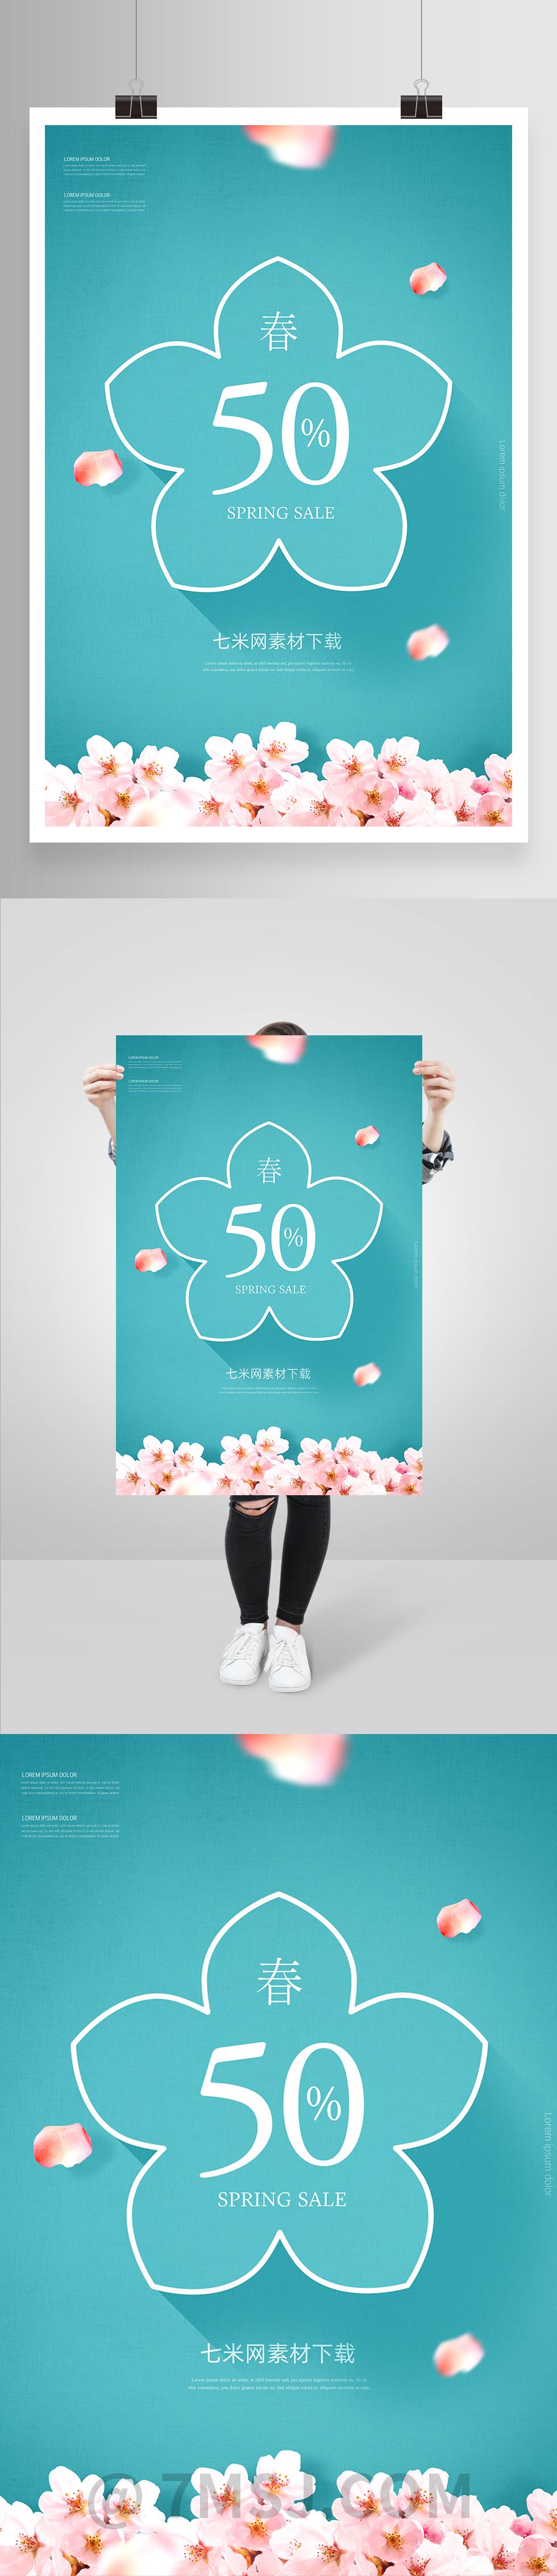 蓝色简约春天樱花小清新促销海报 Promotional posters